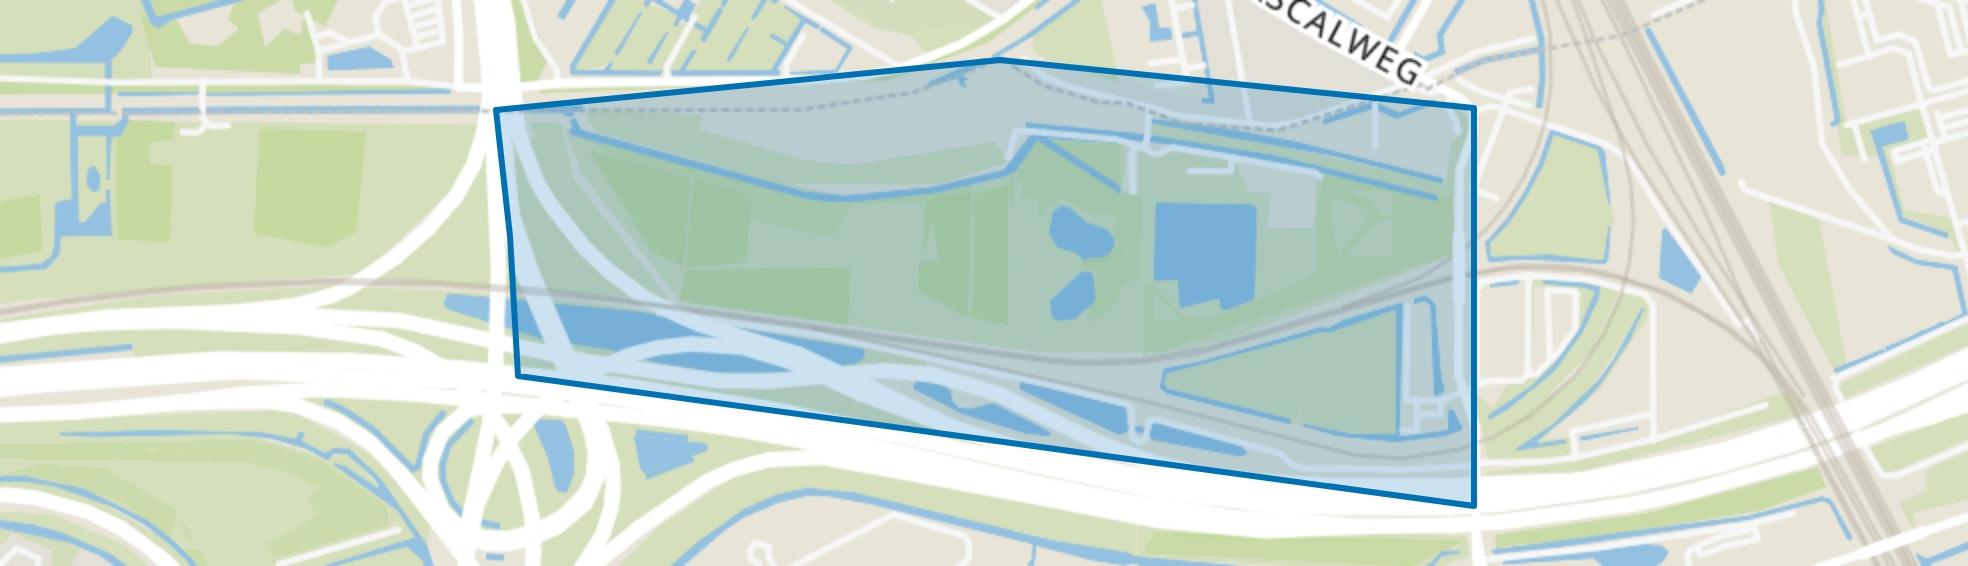 Kooiwalbos, Barendrecht map